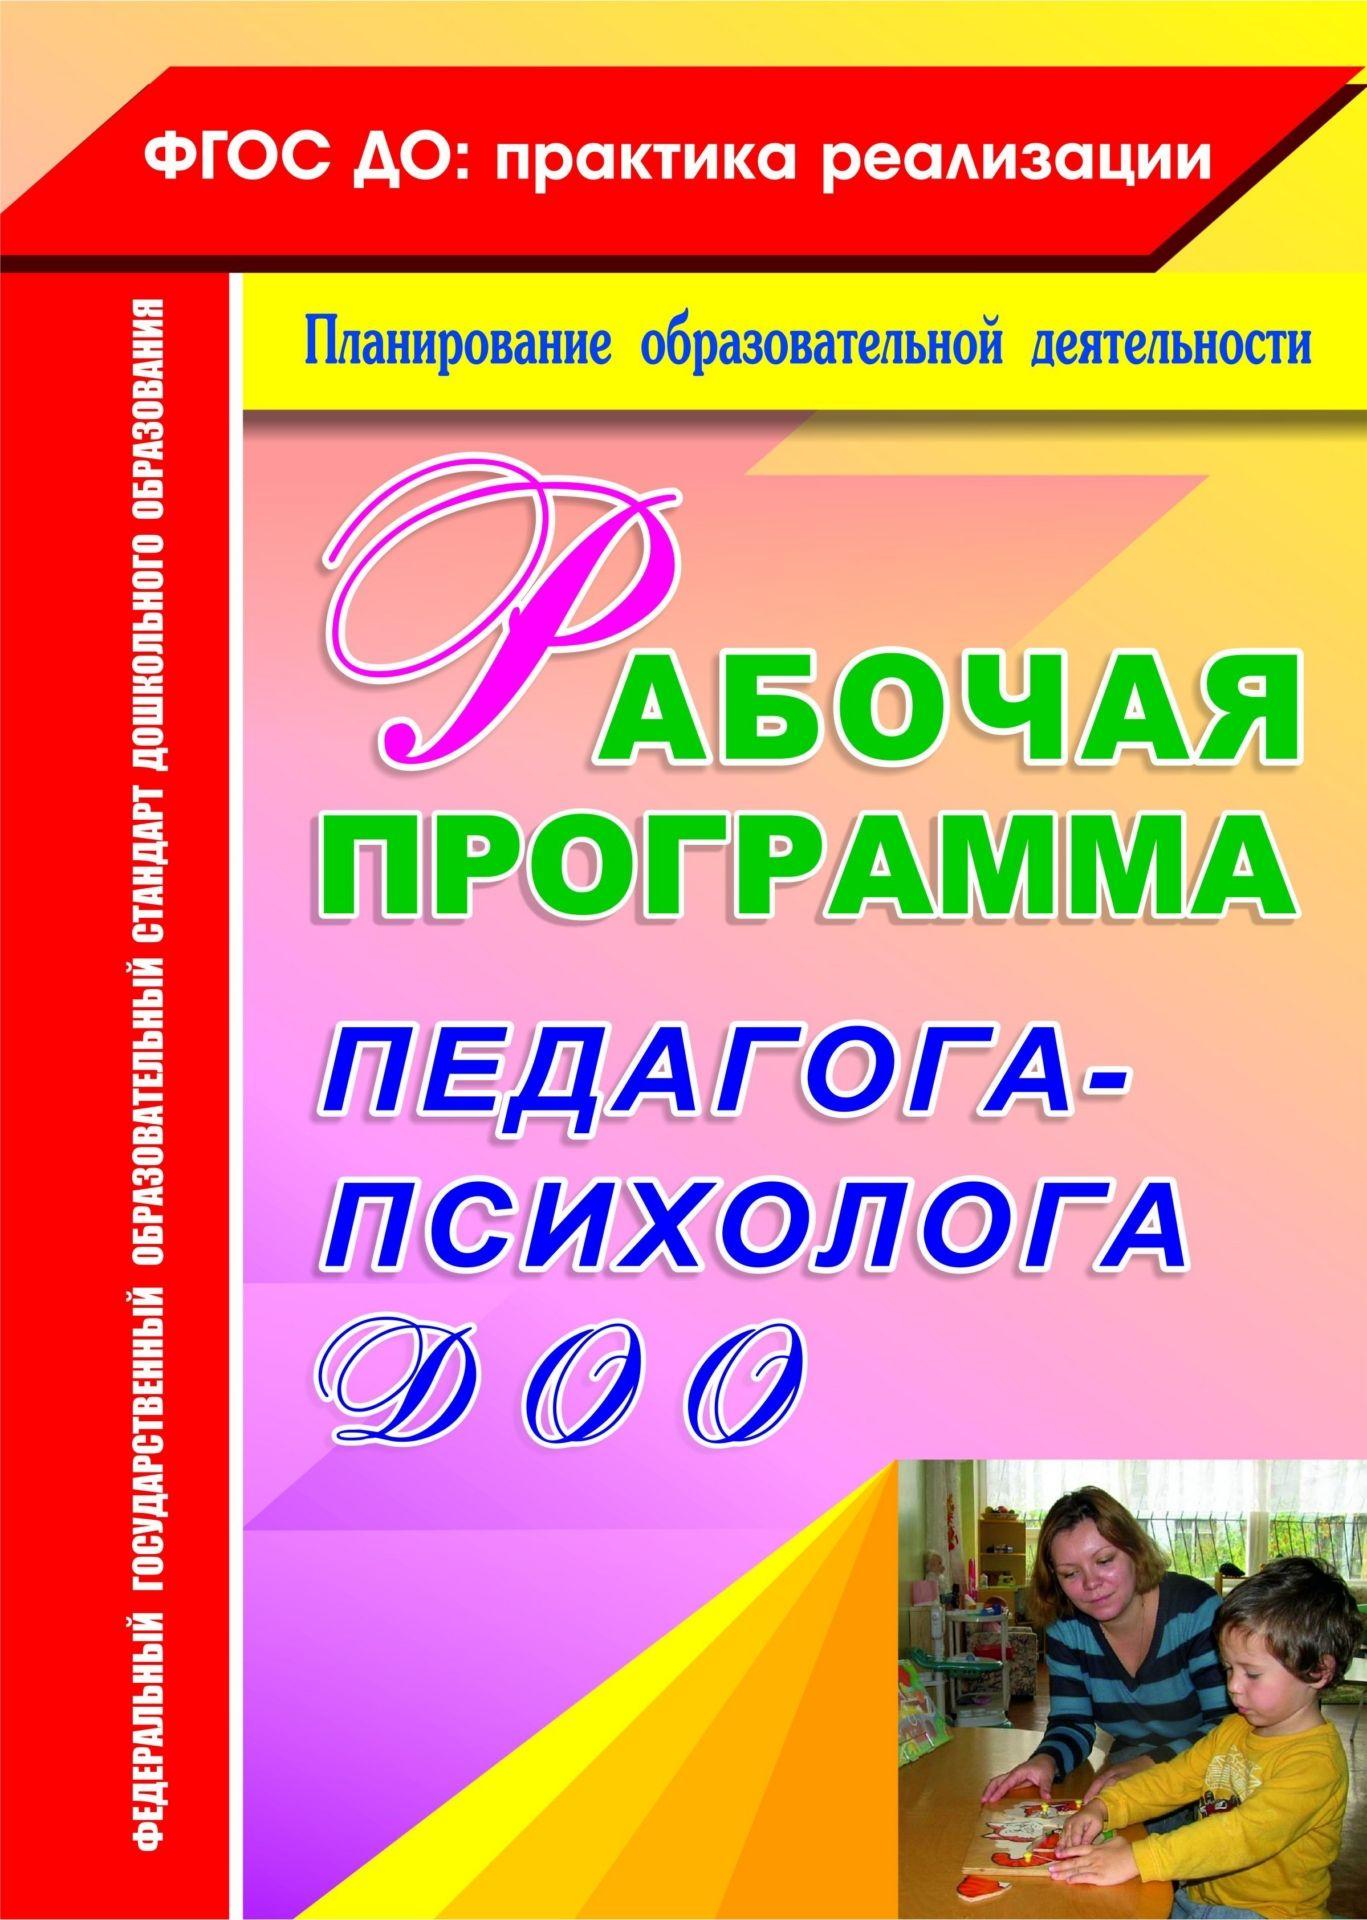 Рабочая программа педагога-психолога ДОО. Программа для установки через Интернет